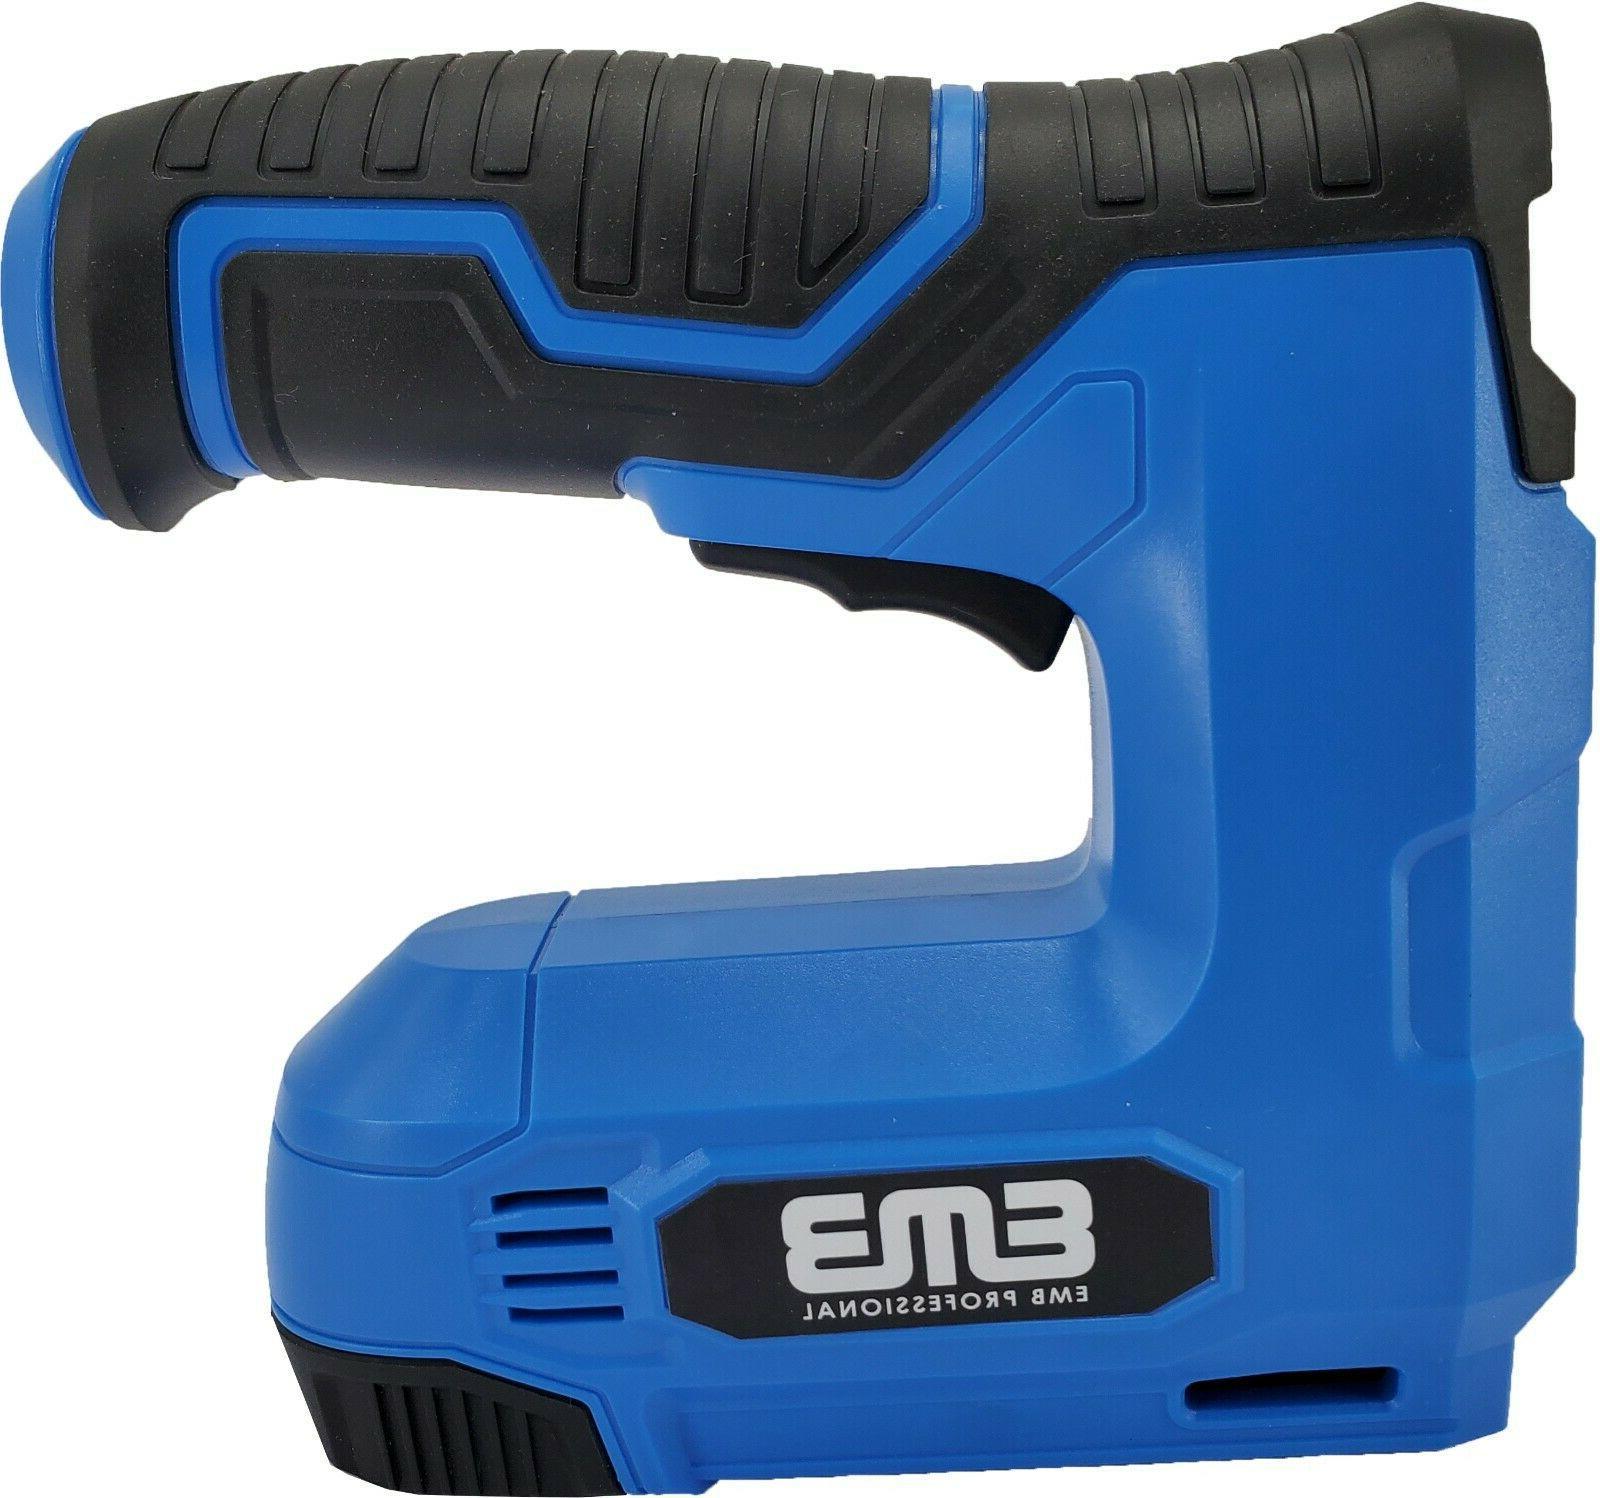 EMB Cordless Staple 4V Power Brad Nailer/Staple Nailer Electric Stapler